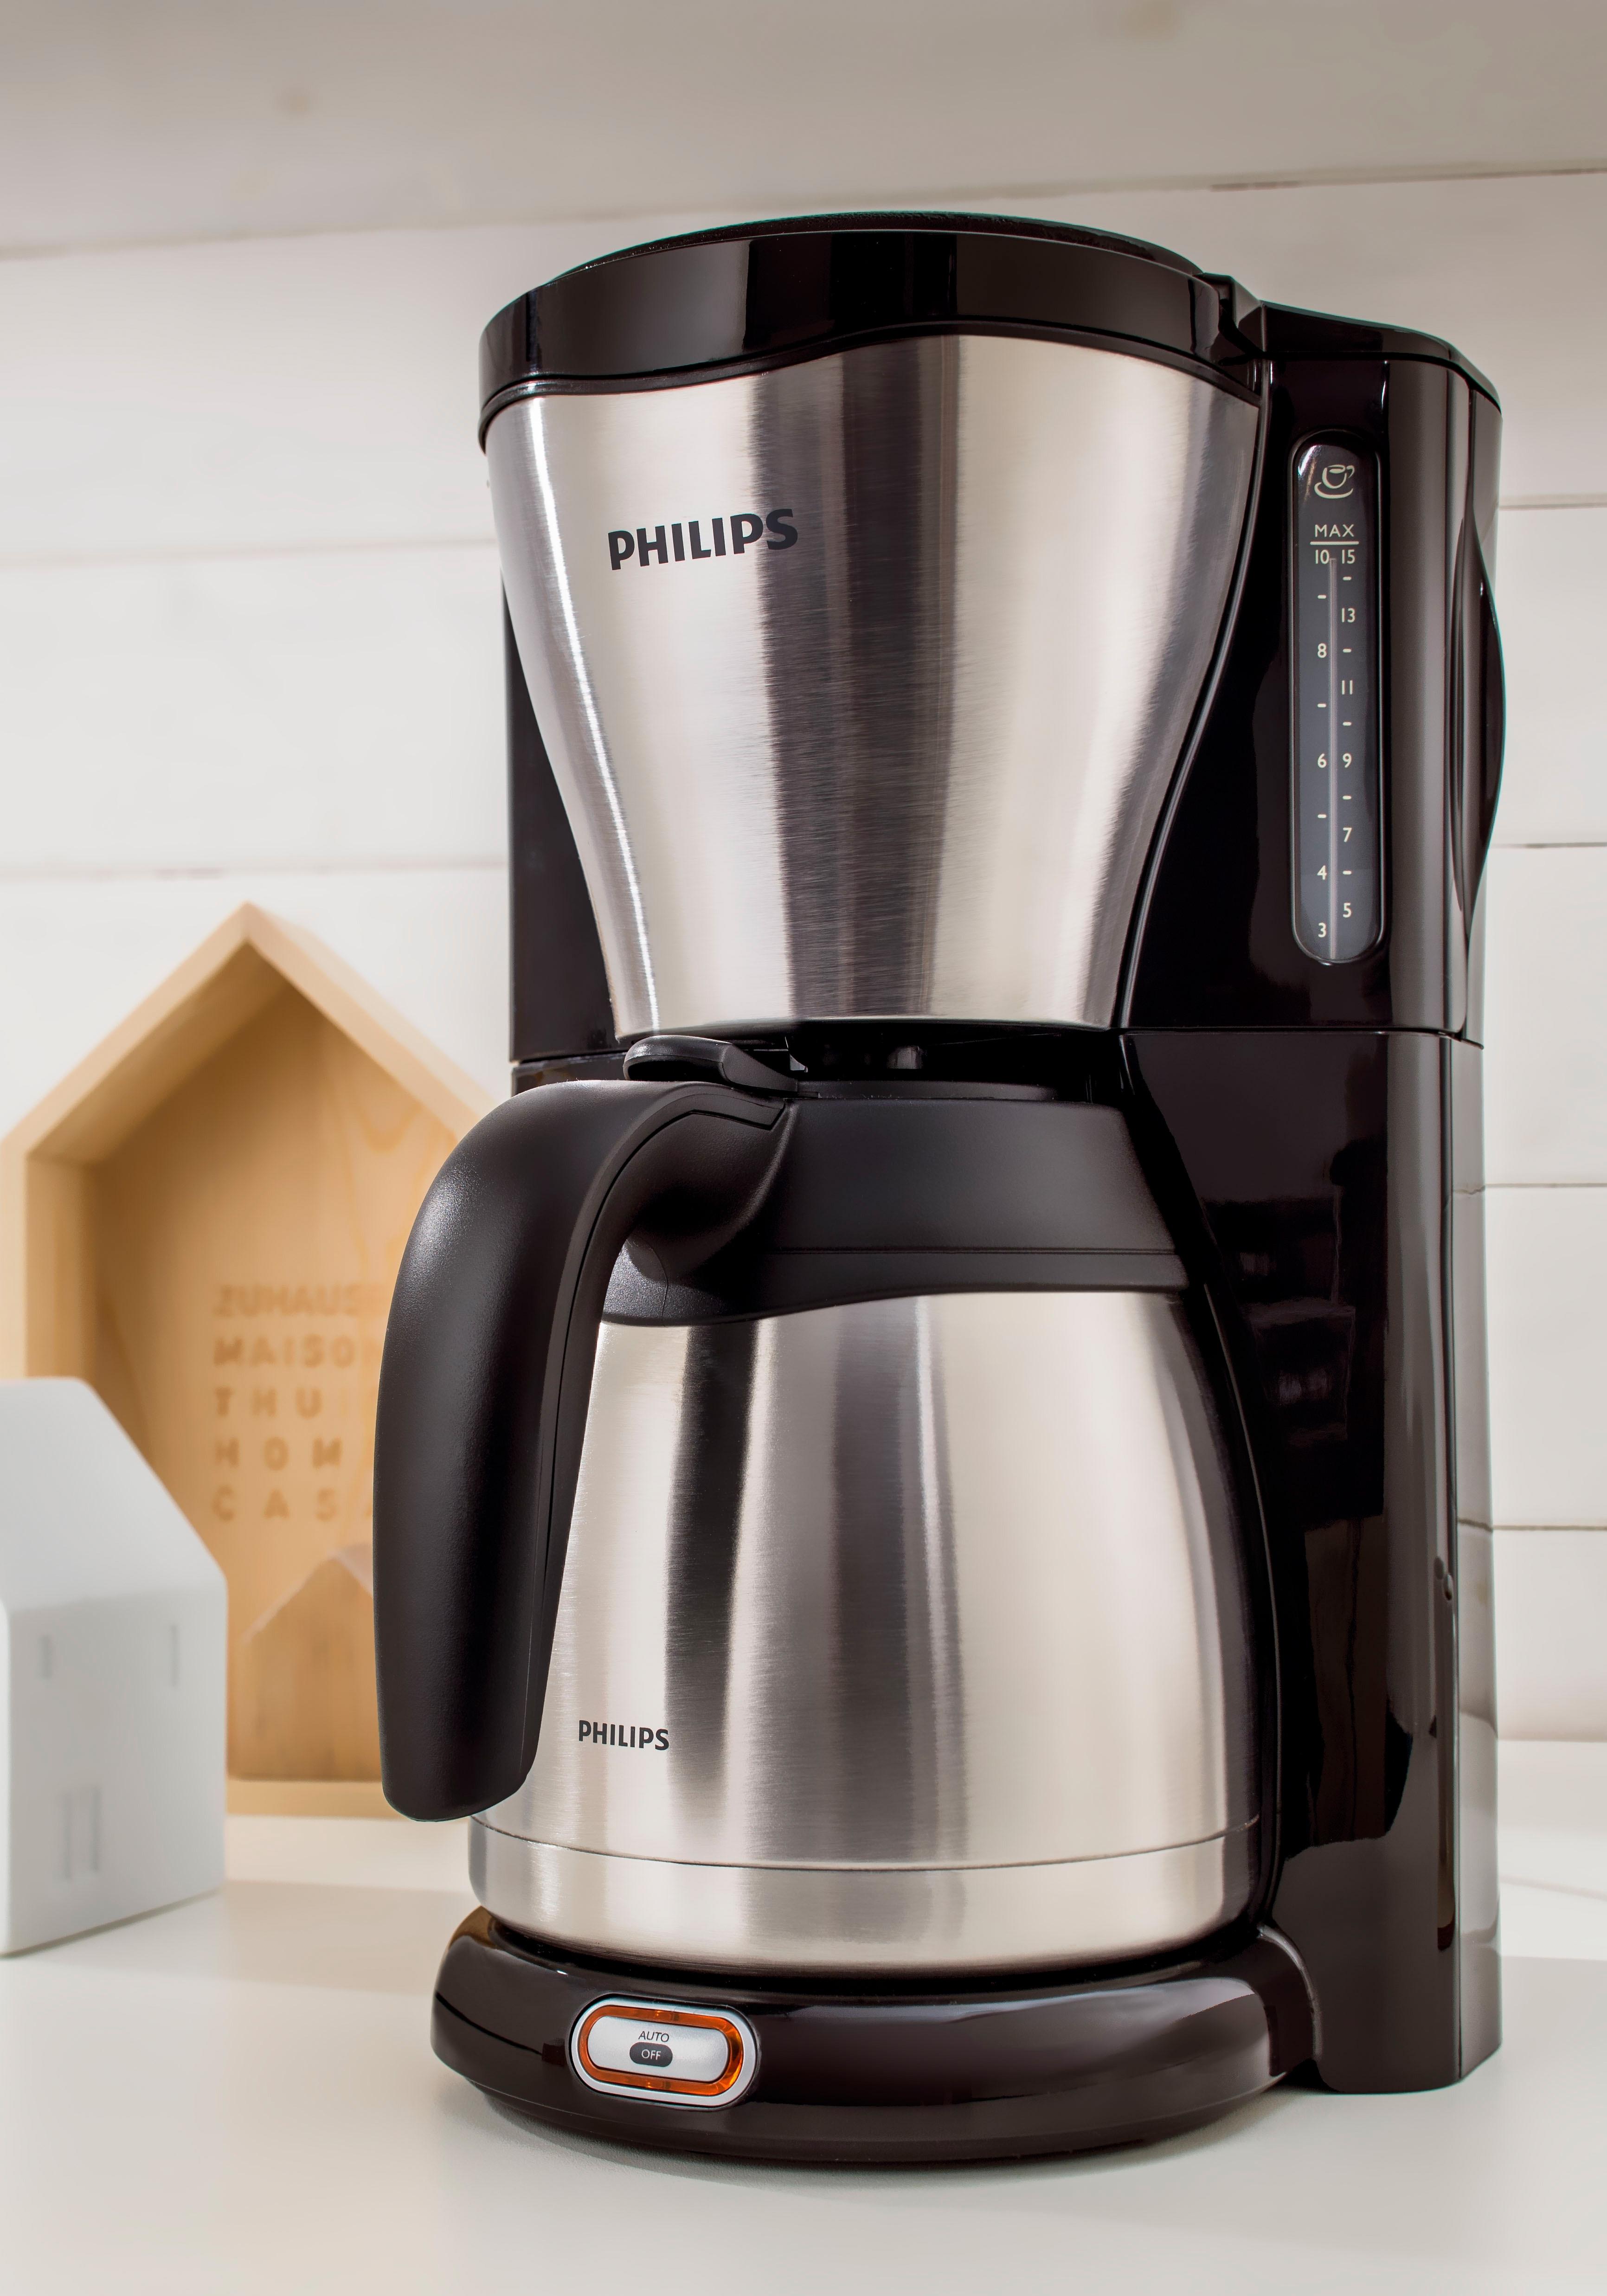 Philips Koffiezetapparaat HD7546/20, met thermoskan - verschillende betaalmethodes